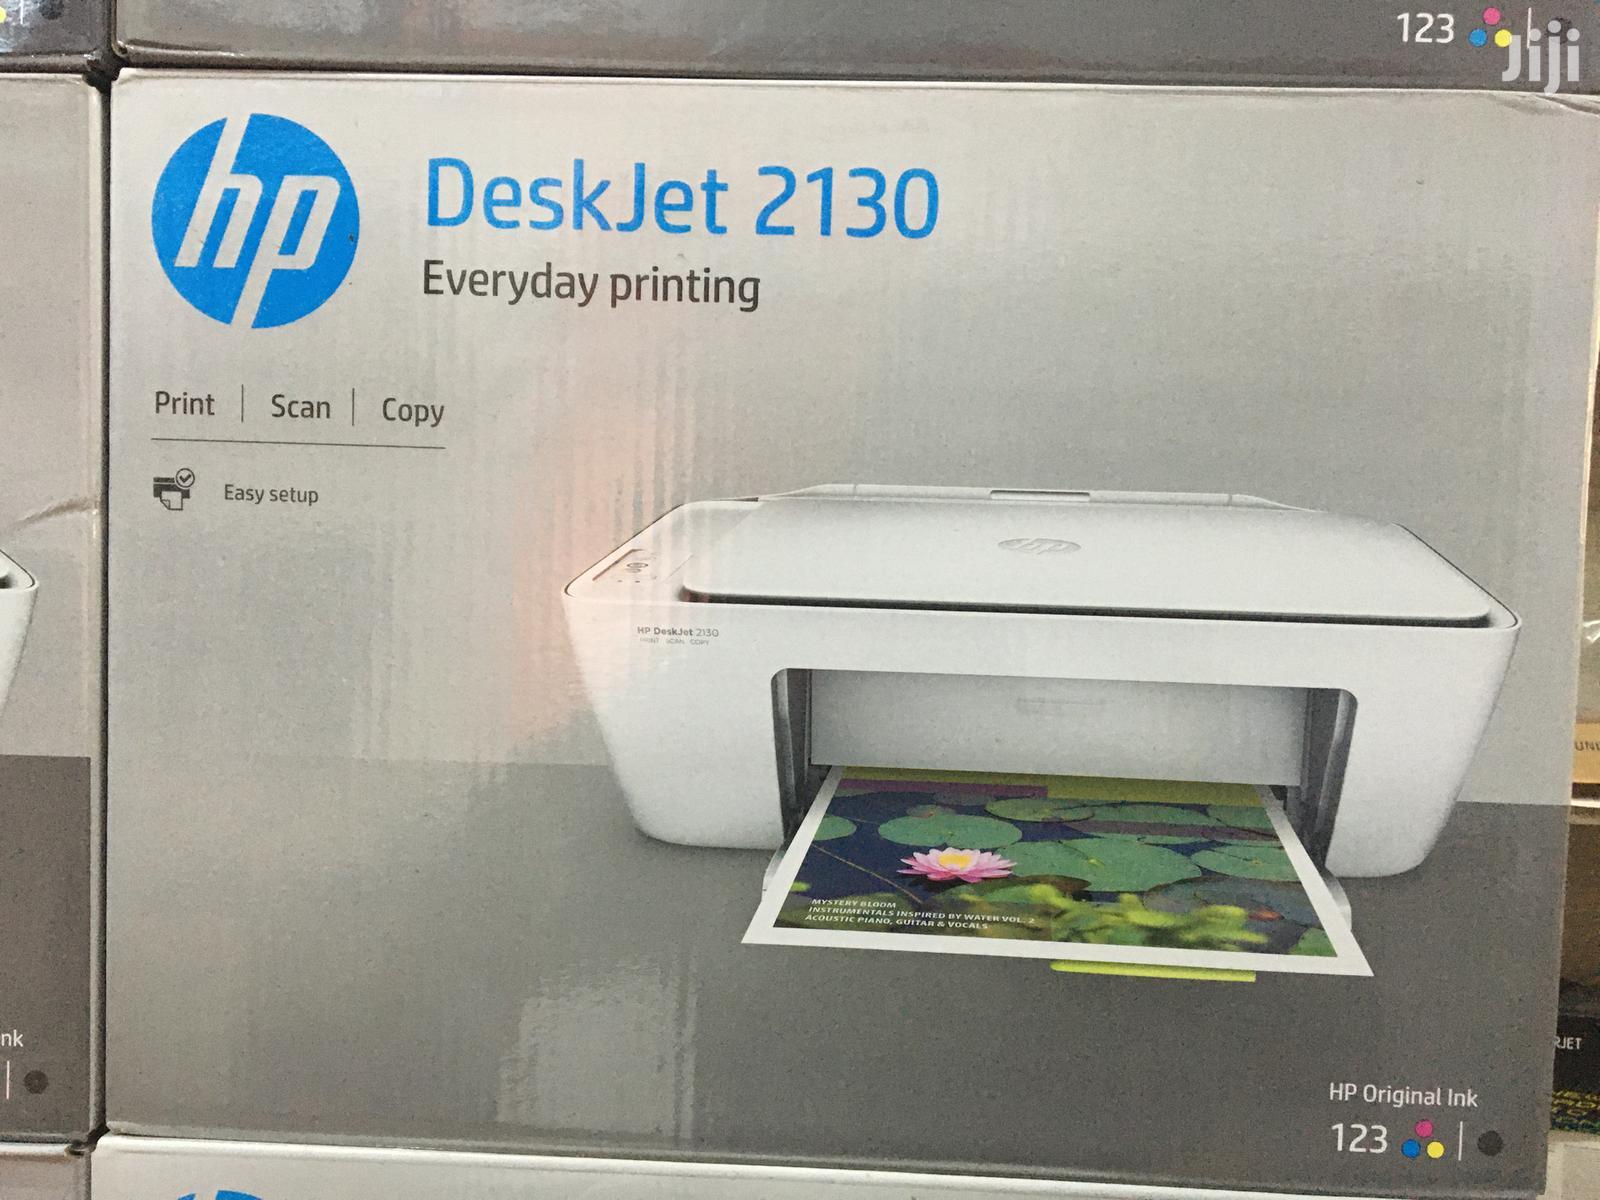 Hp Deskjet 2130 Printer All In Printer